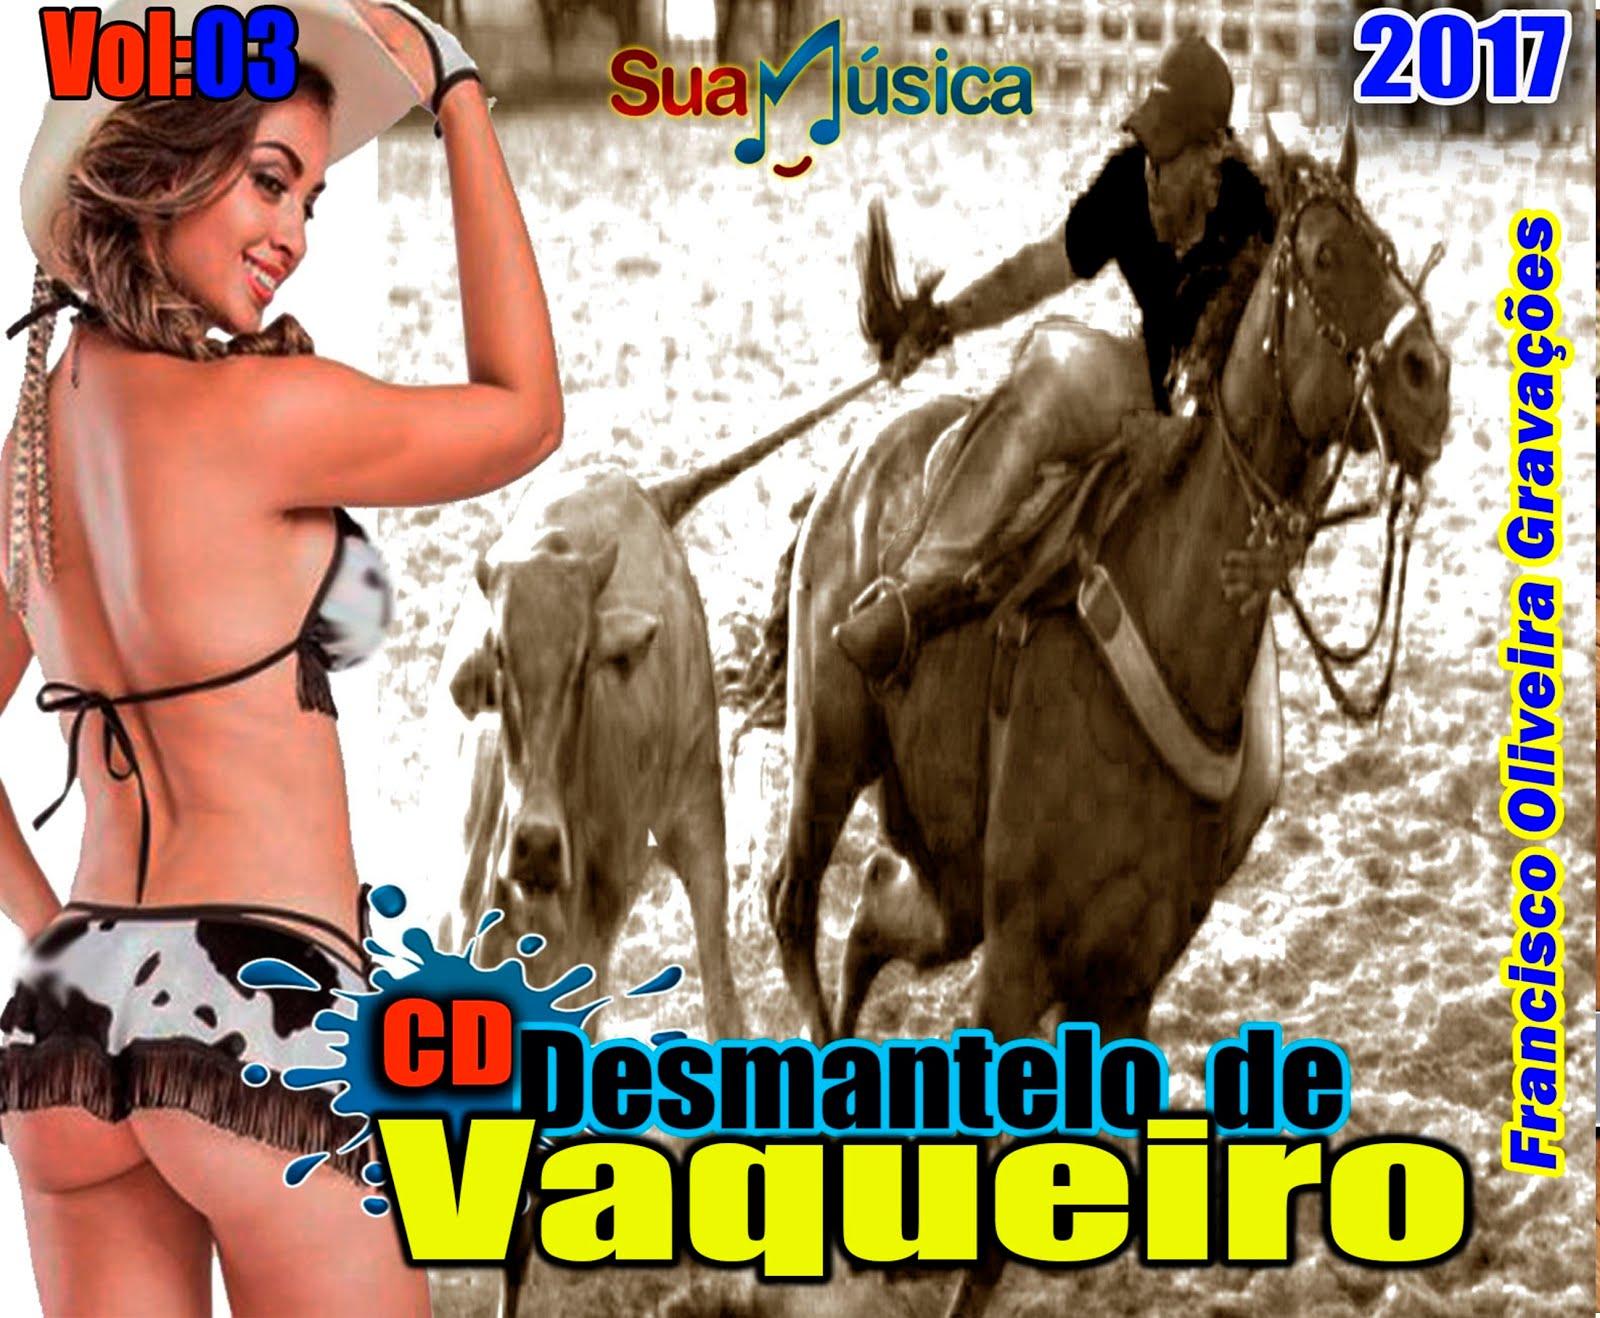 CD DESMANTELO DE VAQUEIRO VOL 3